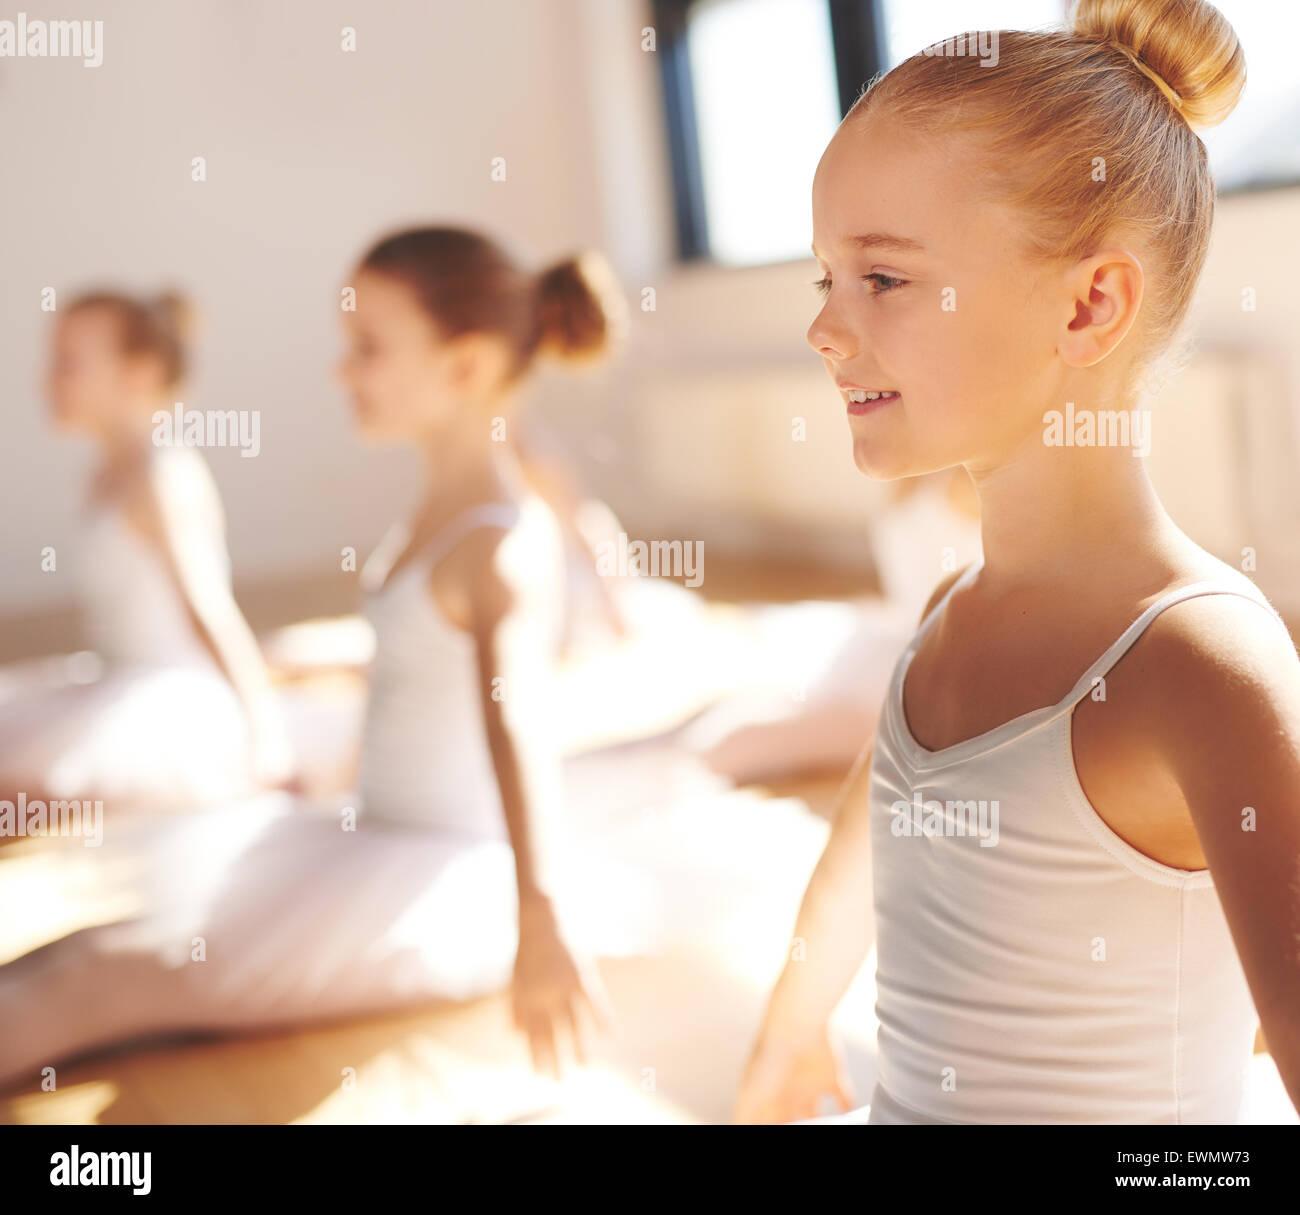 Nahaufnahme Seite Blick auf das Gesicht eines niedlichen kleinen, hübschen blonden Ballerina lächelnd Stockbild